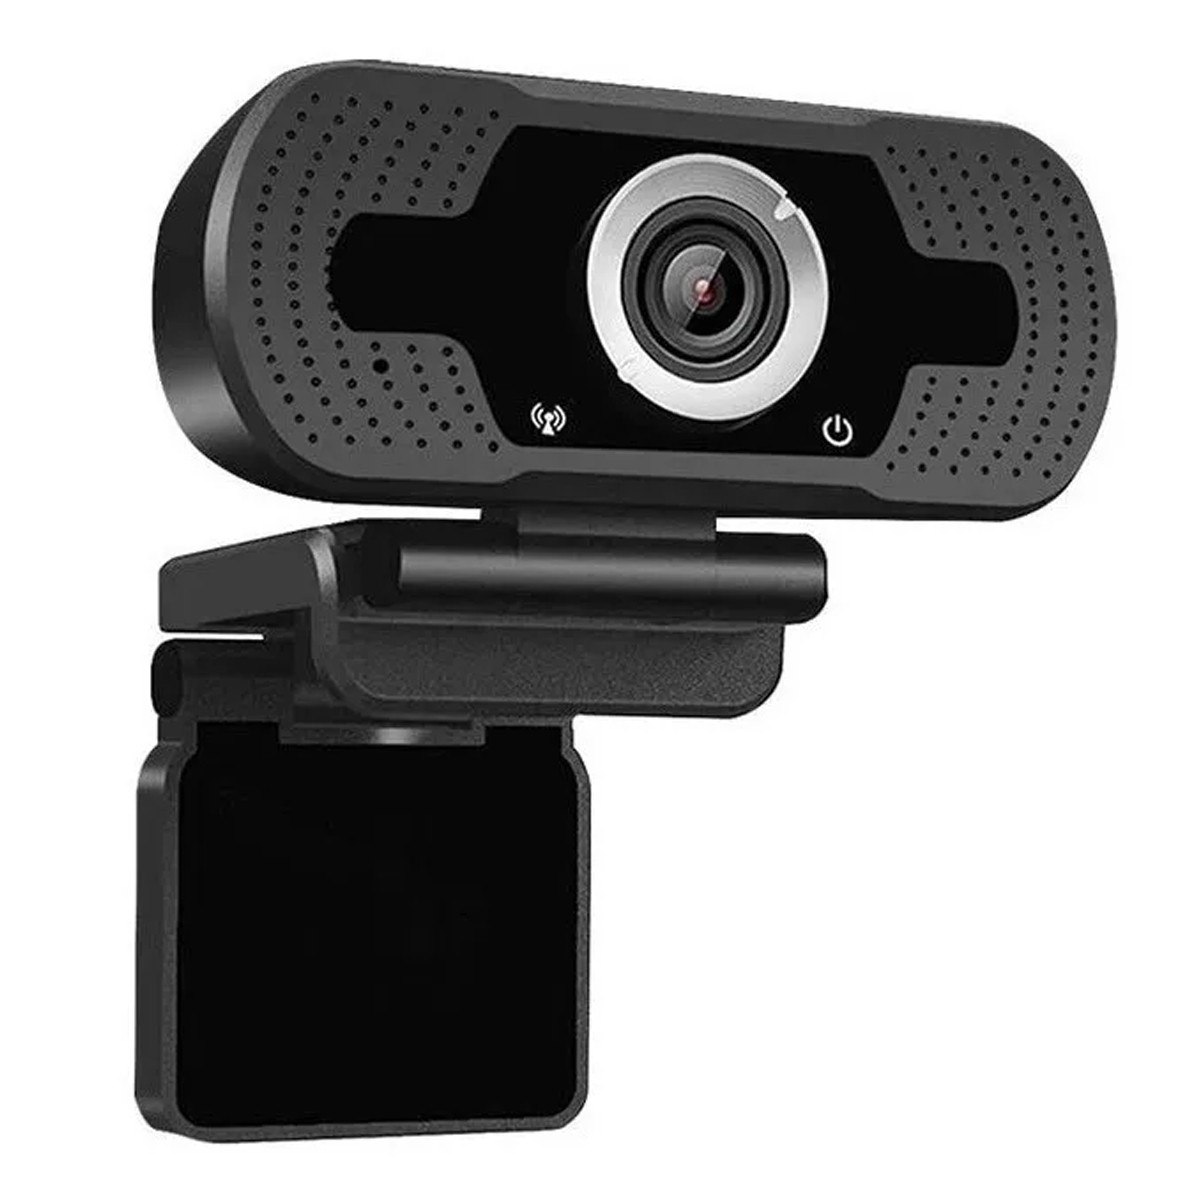 Webcam Full Hd 1080p Rotação 360° Usb 2.0 Pc Notebook 1.5m